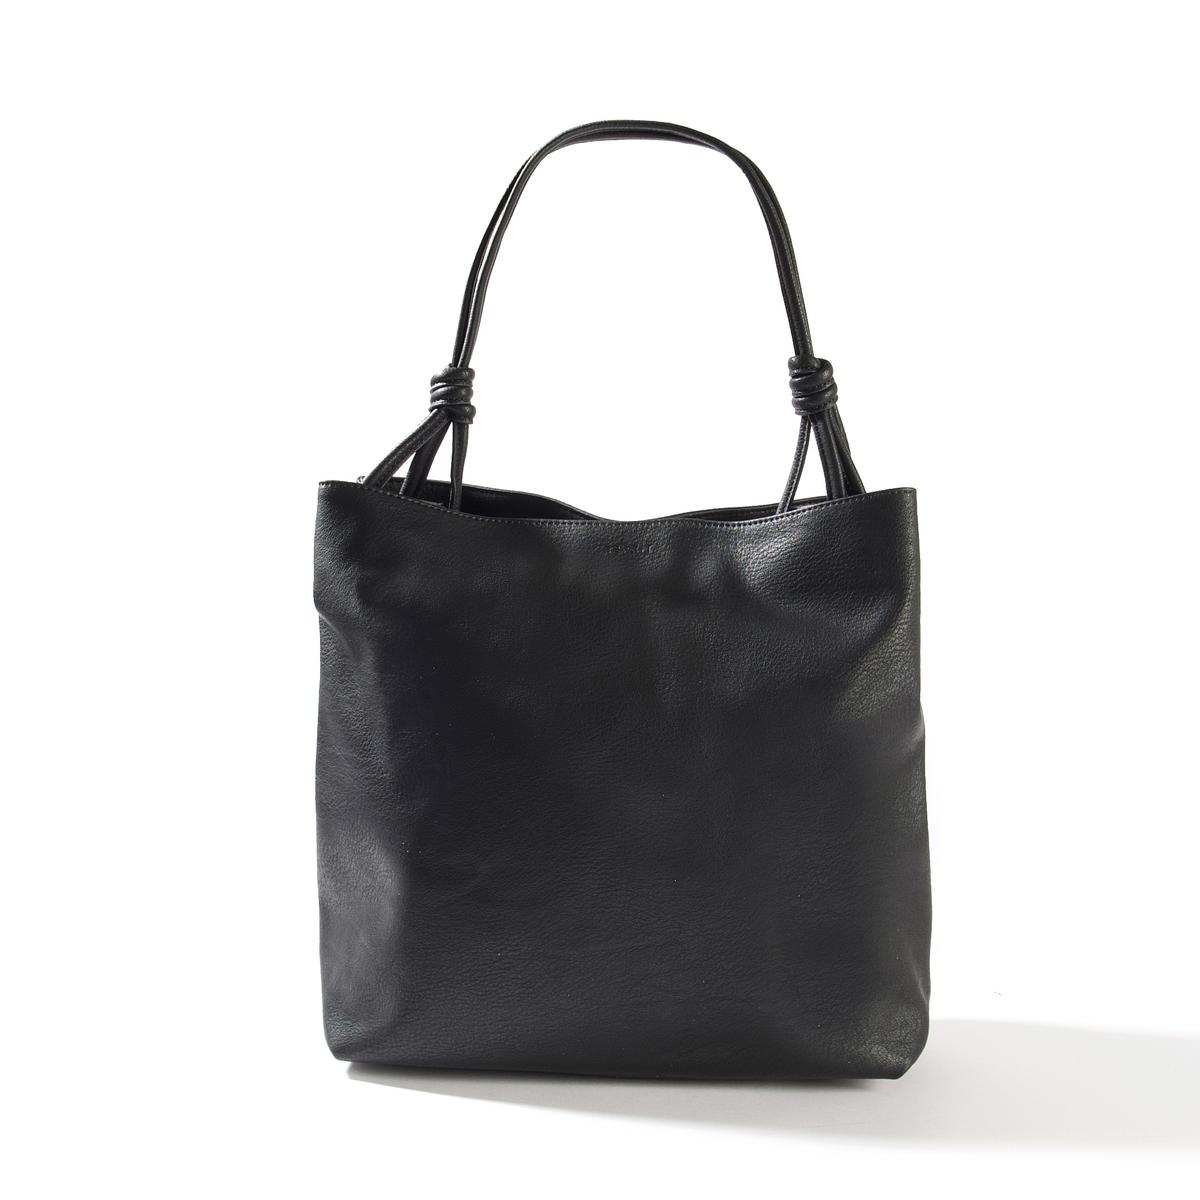 Сумка-шоппер WilmaОписание:Модная сумка Esprit в городском стиле: идеальна для походов в город или на работу: практична - её можно ностиь как в руке, так и на плече. Состав и описание : Материал : верх из полиуретана              подкладка из полиуретанаМарка : EspritМодель : Wilma sac hoboРазмеры : 35 x 31 x 14 смЗастежка : на пуговицуВнутренние карманы<br><br>Цвет: черный